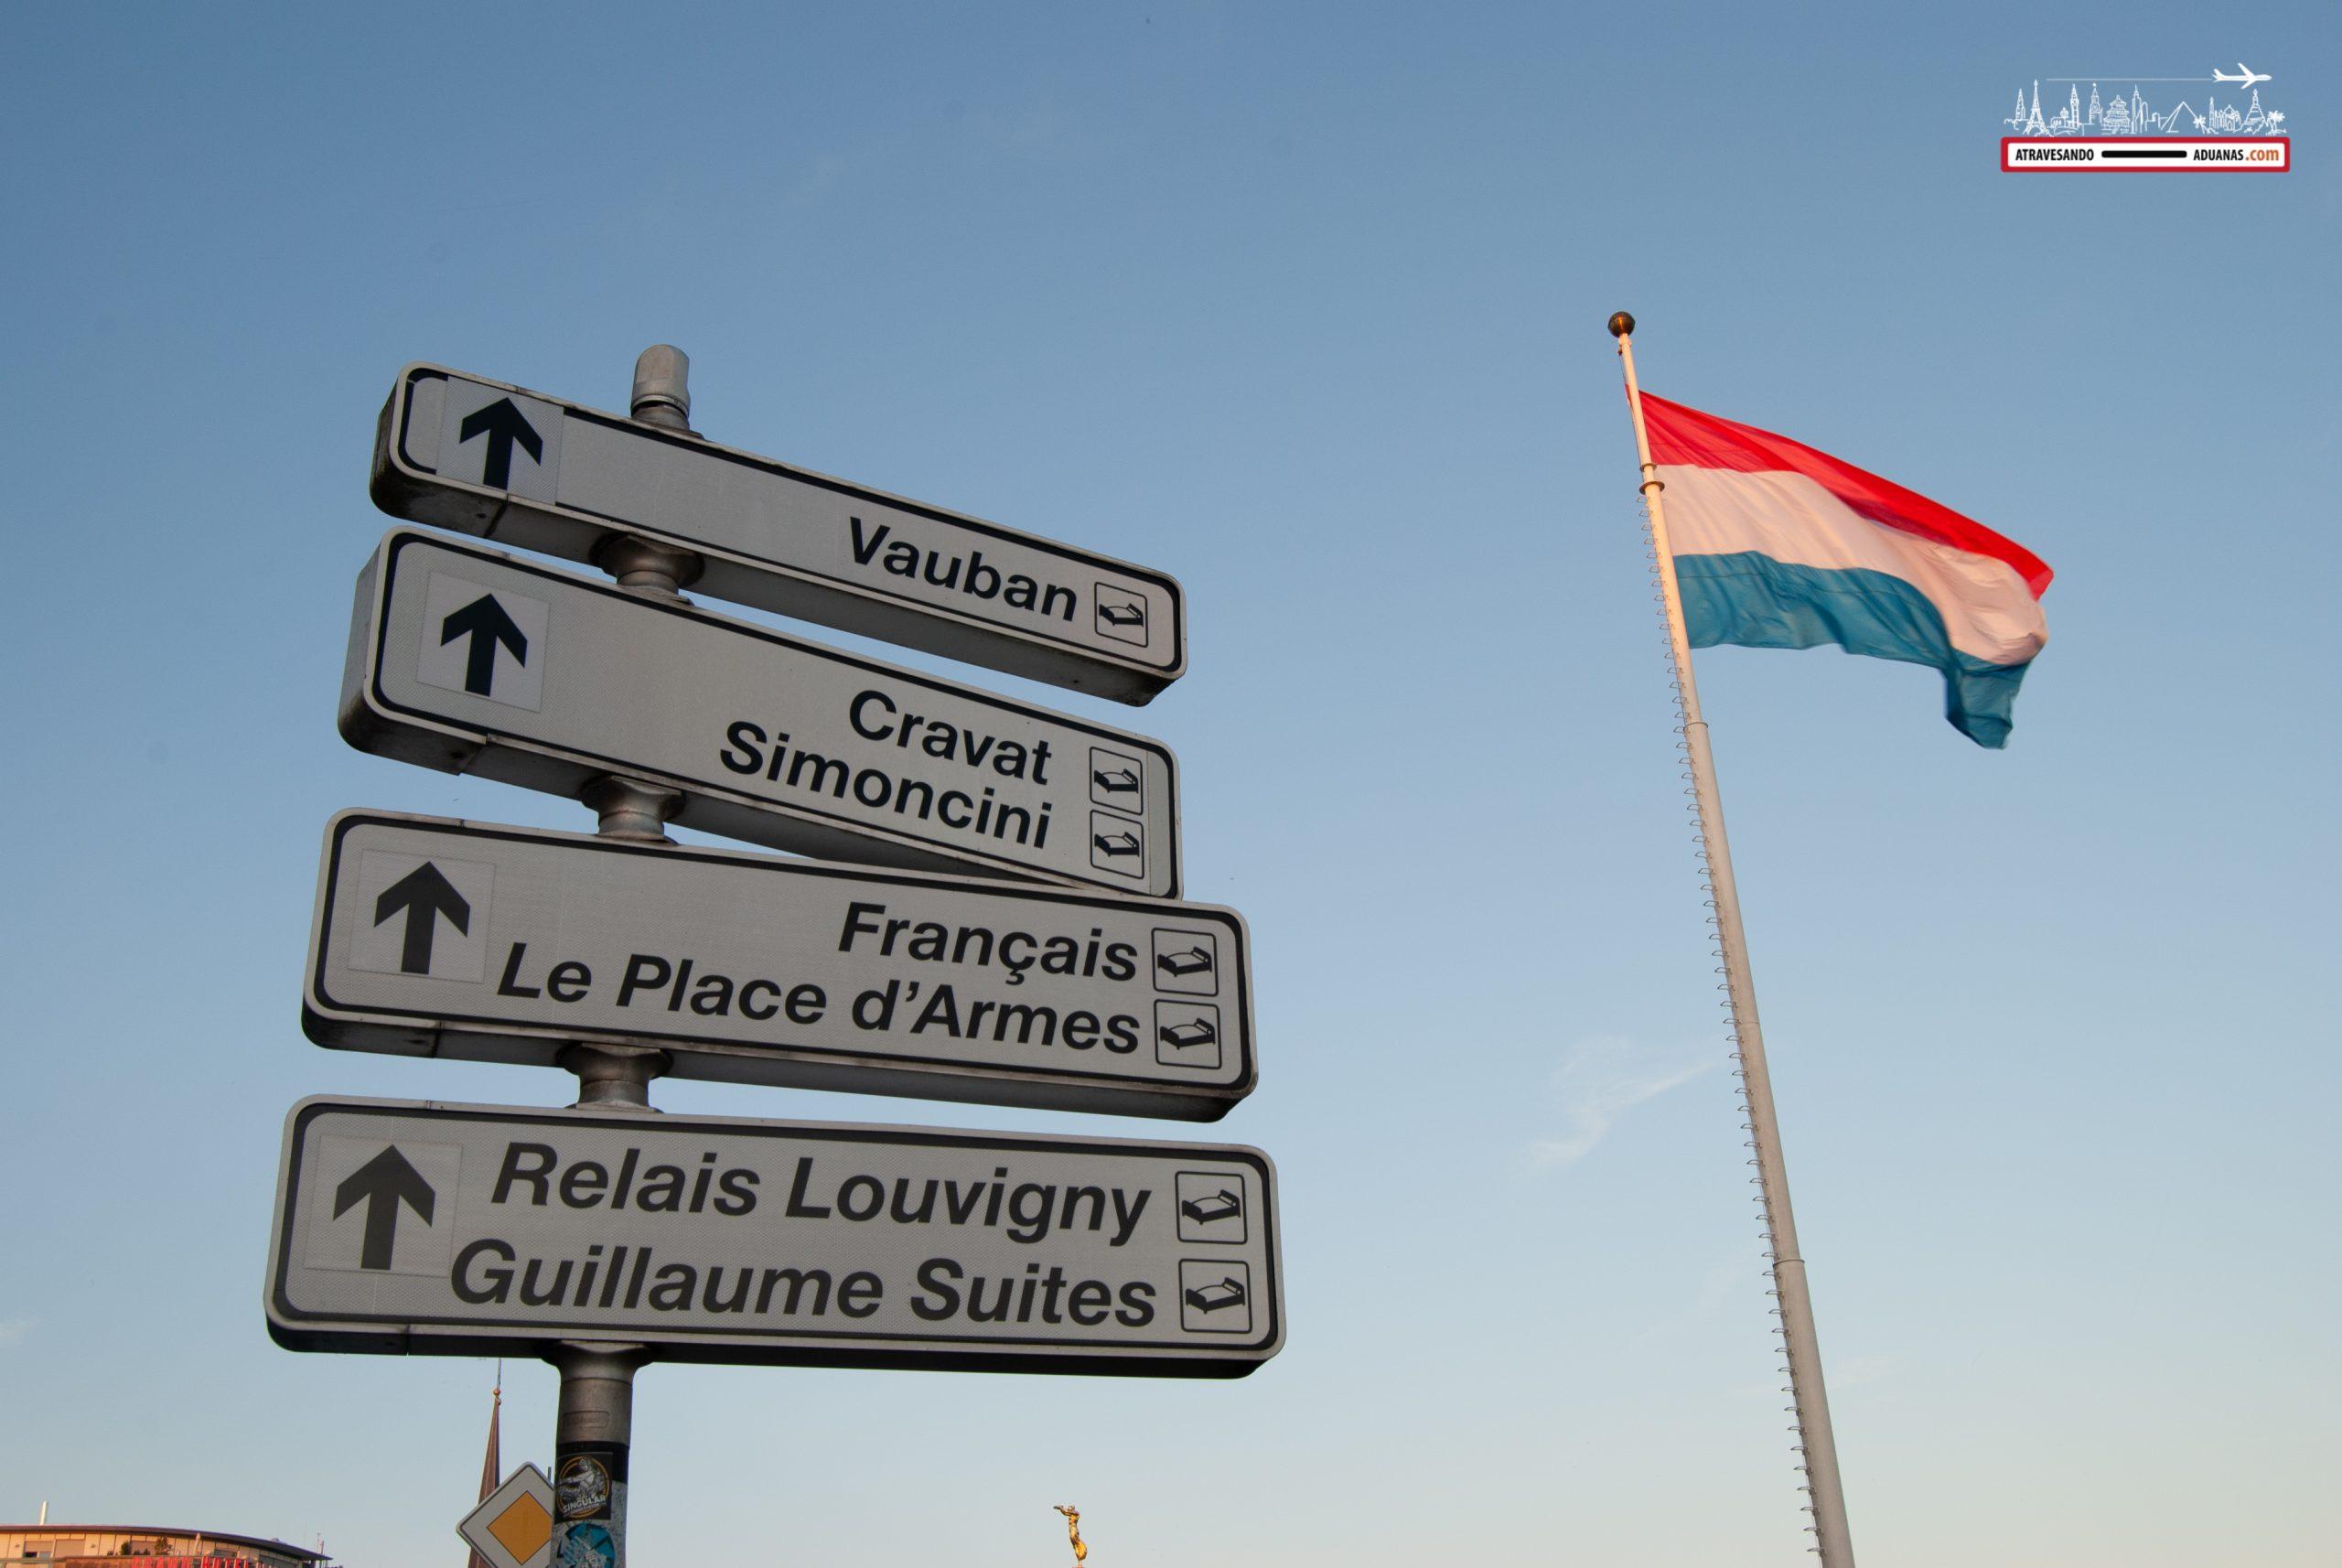 Carteles de indicaciones en Luxemburgo